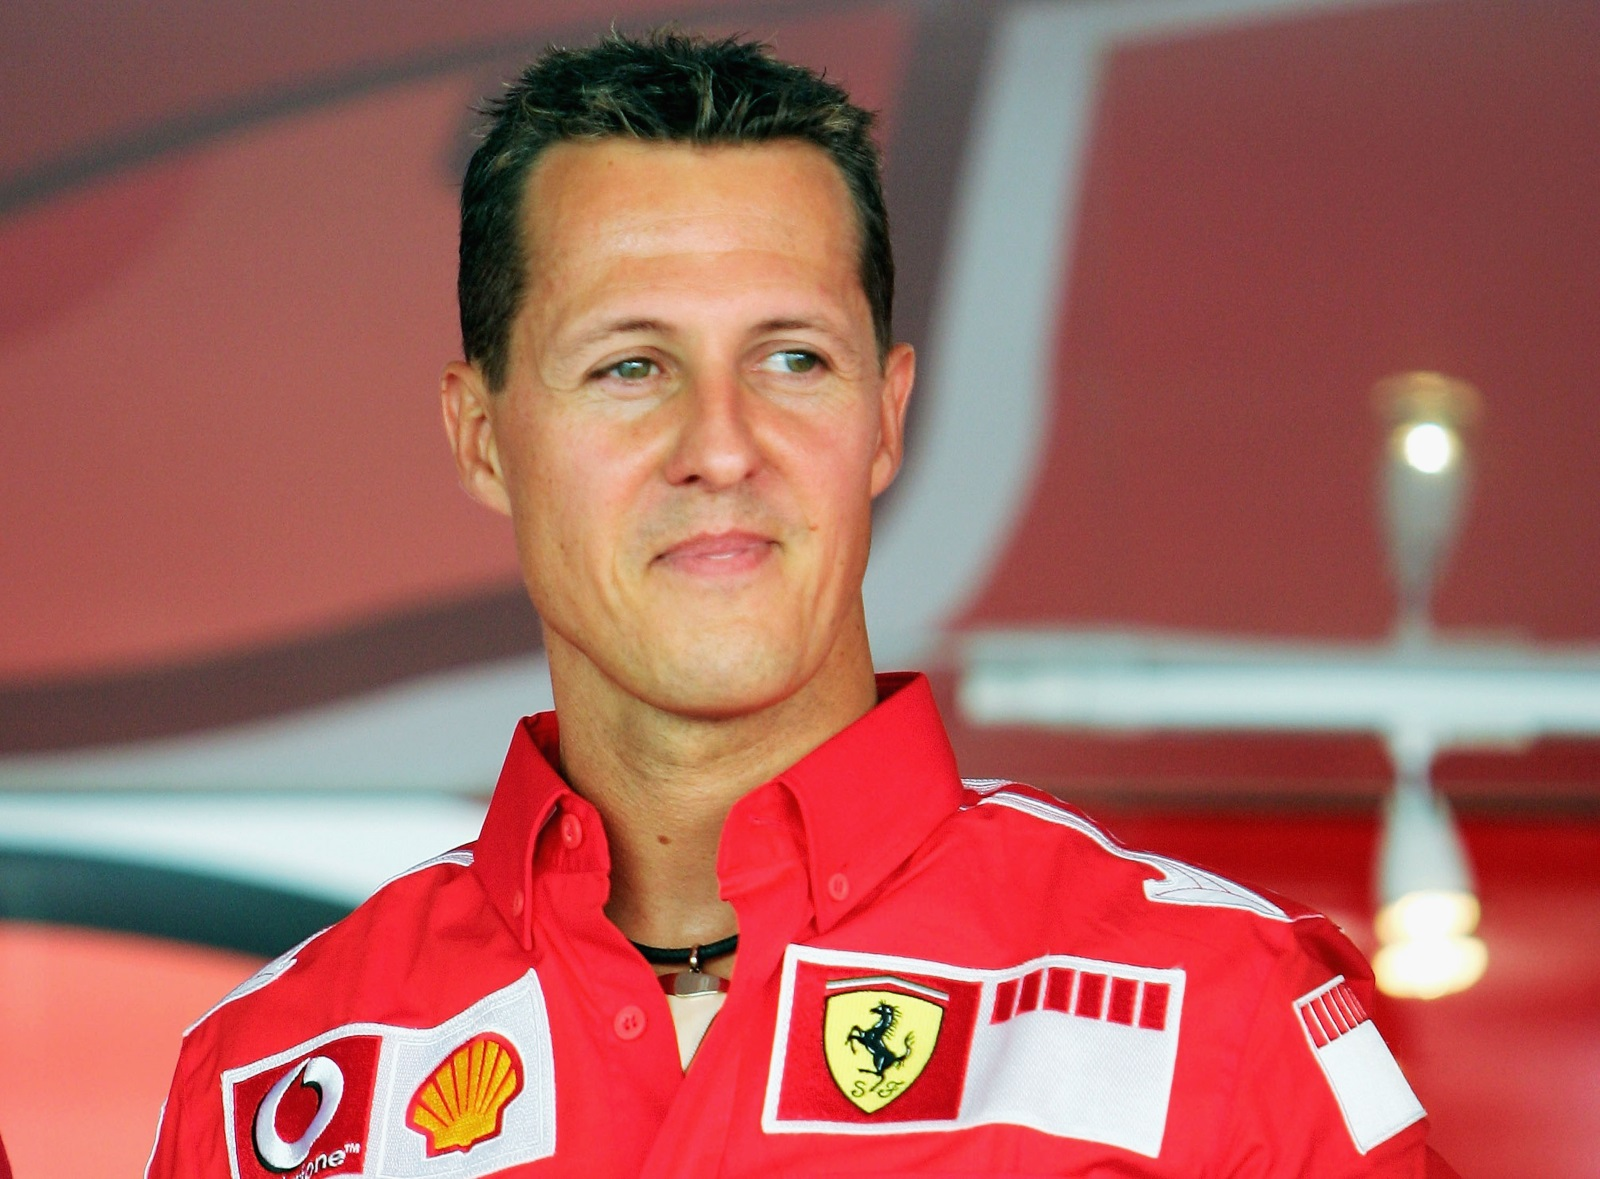 """4. Първата снимка на Шумахер с """"Ферари"""" е през 1996 г.Тази година Шумахер печели сензационно 3 състезания и 4 четири полпозишъна, което допринася много за мотивацията на тима."""